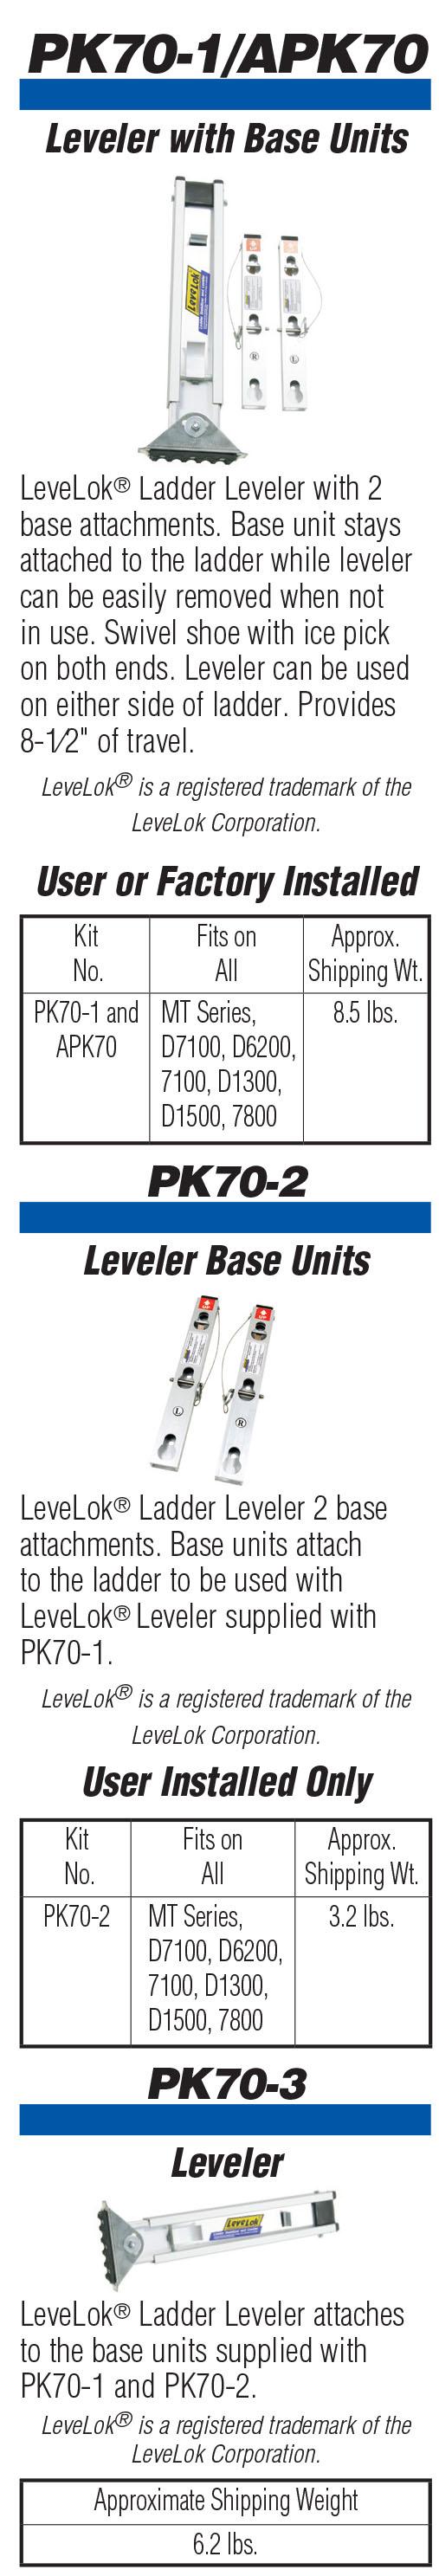 pk-70-leveler-catalog-page.jpg